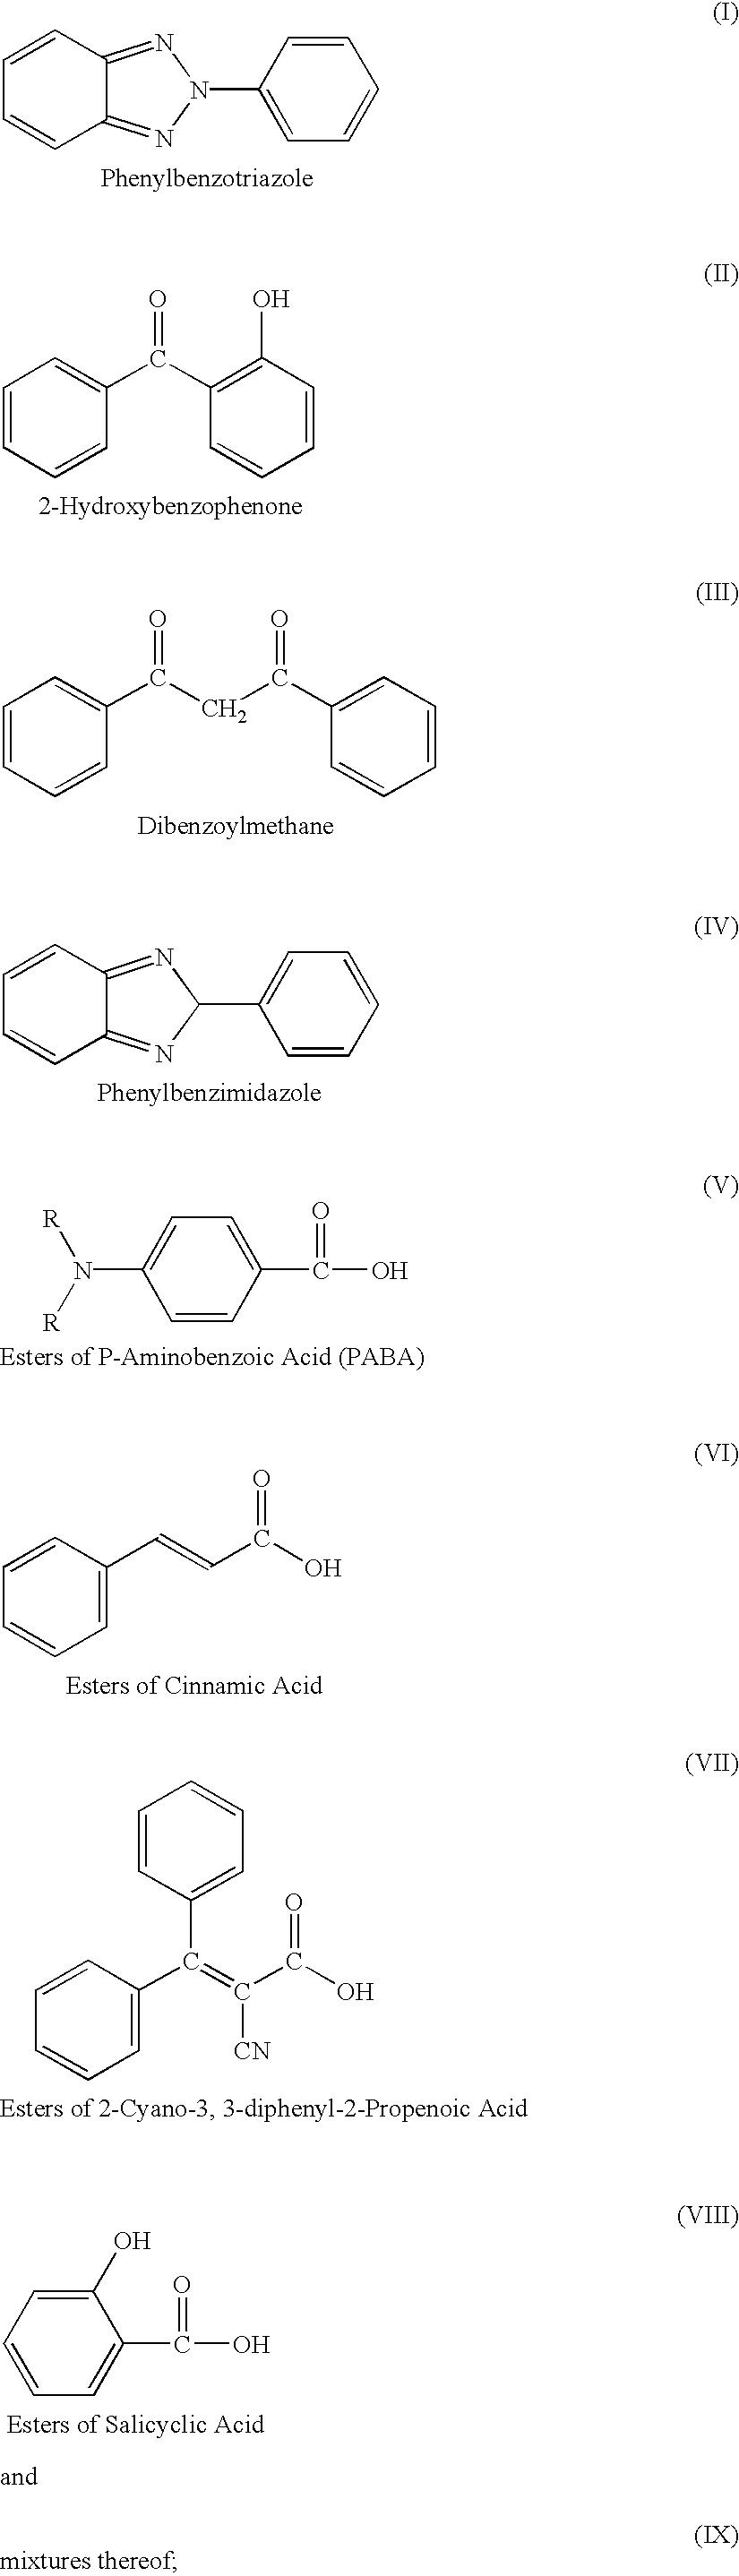 Figure US06495058-20021217-C00001